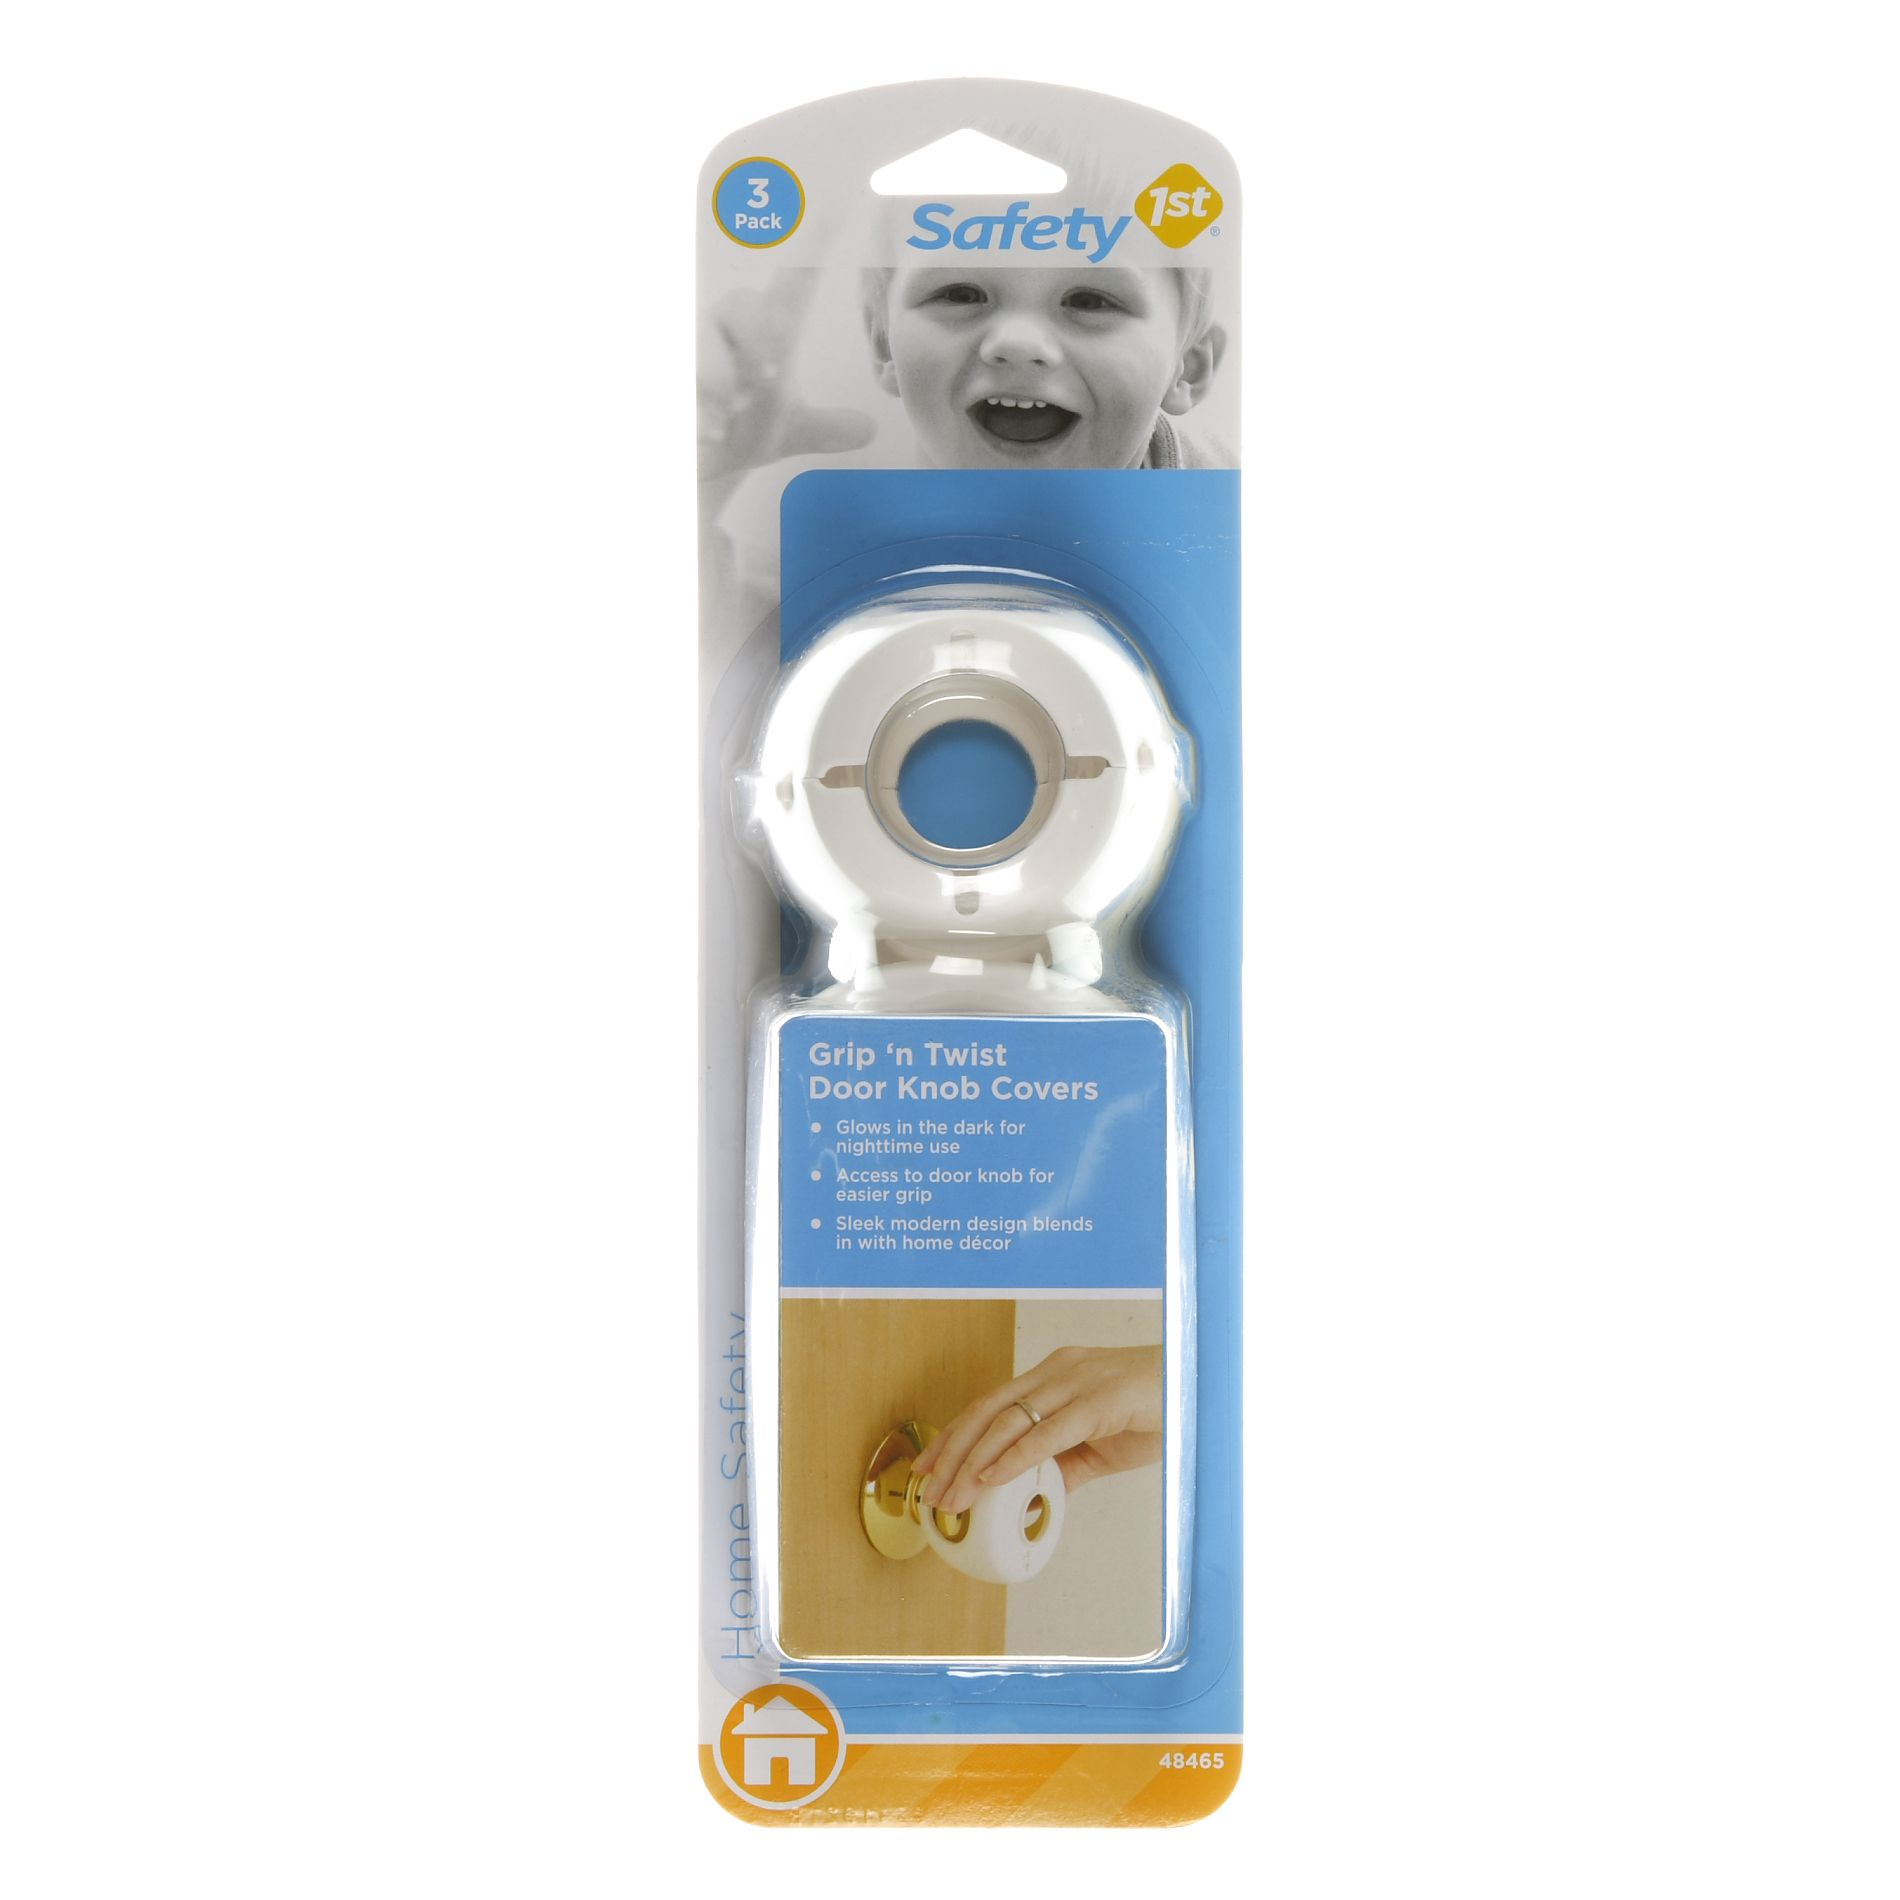 safety 1st grip n twist door knob covers photo - 4